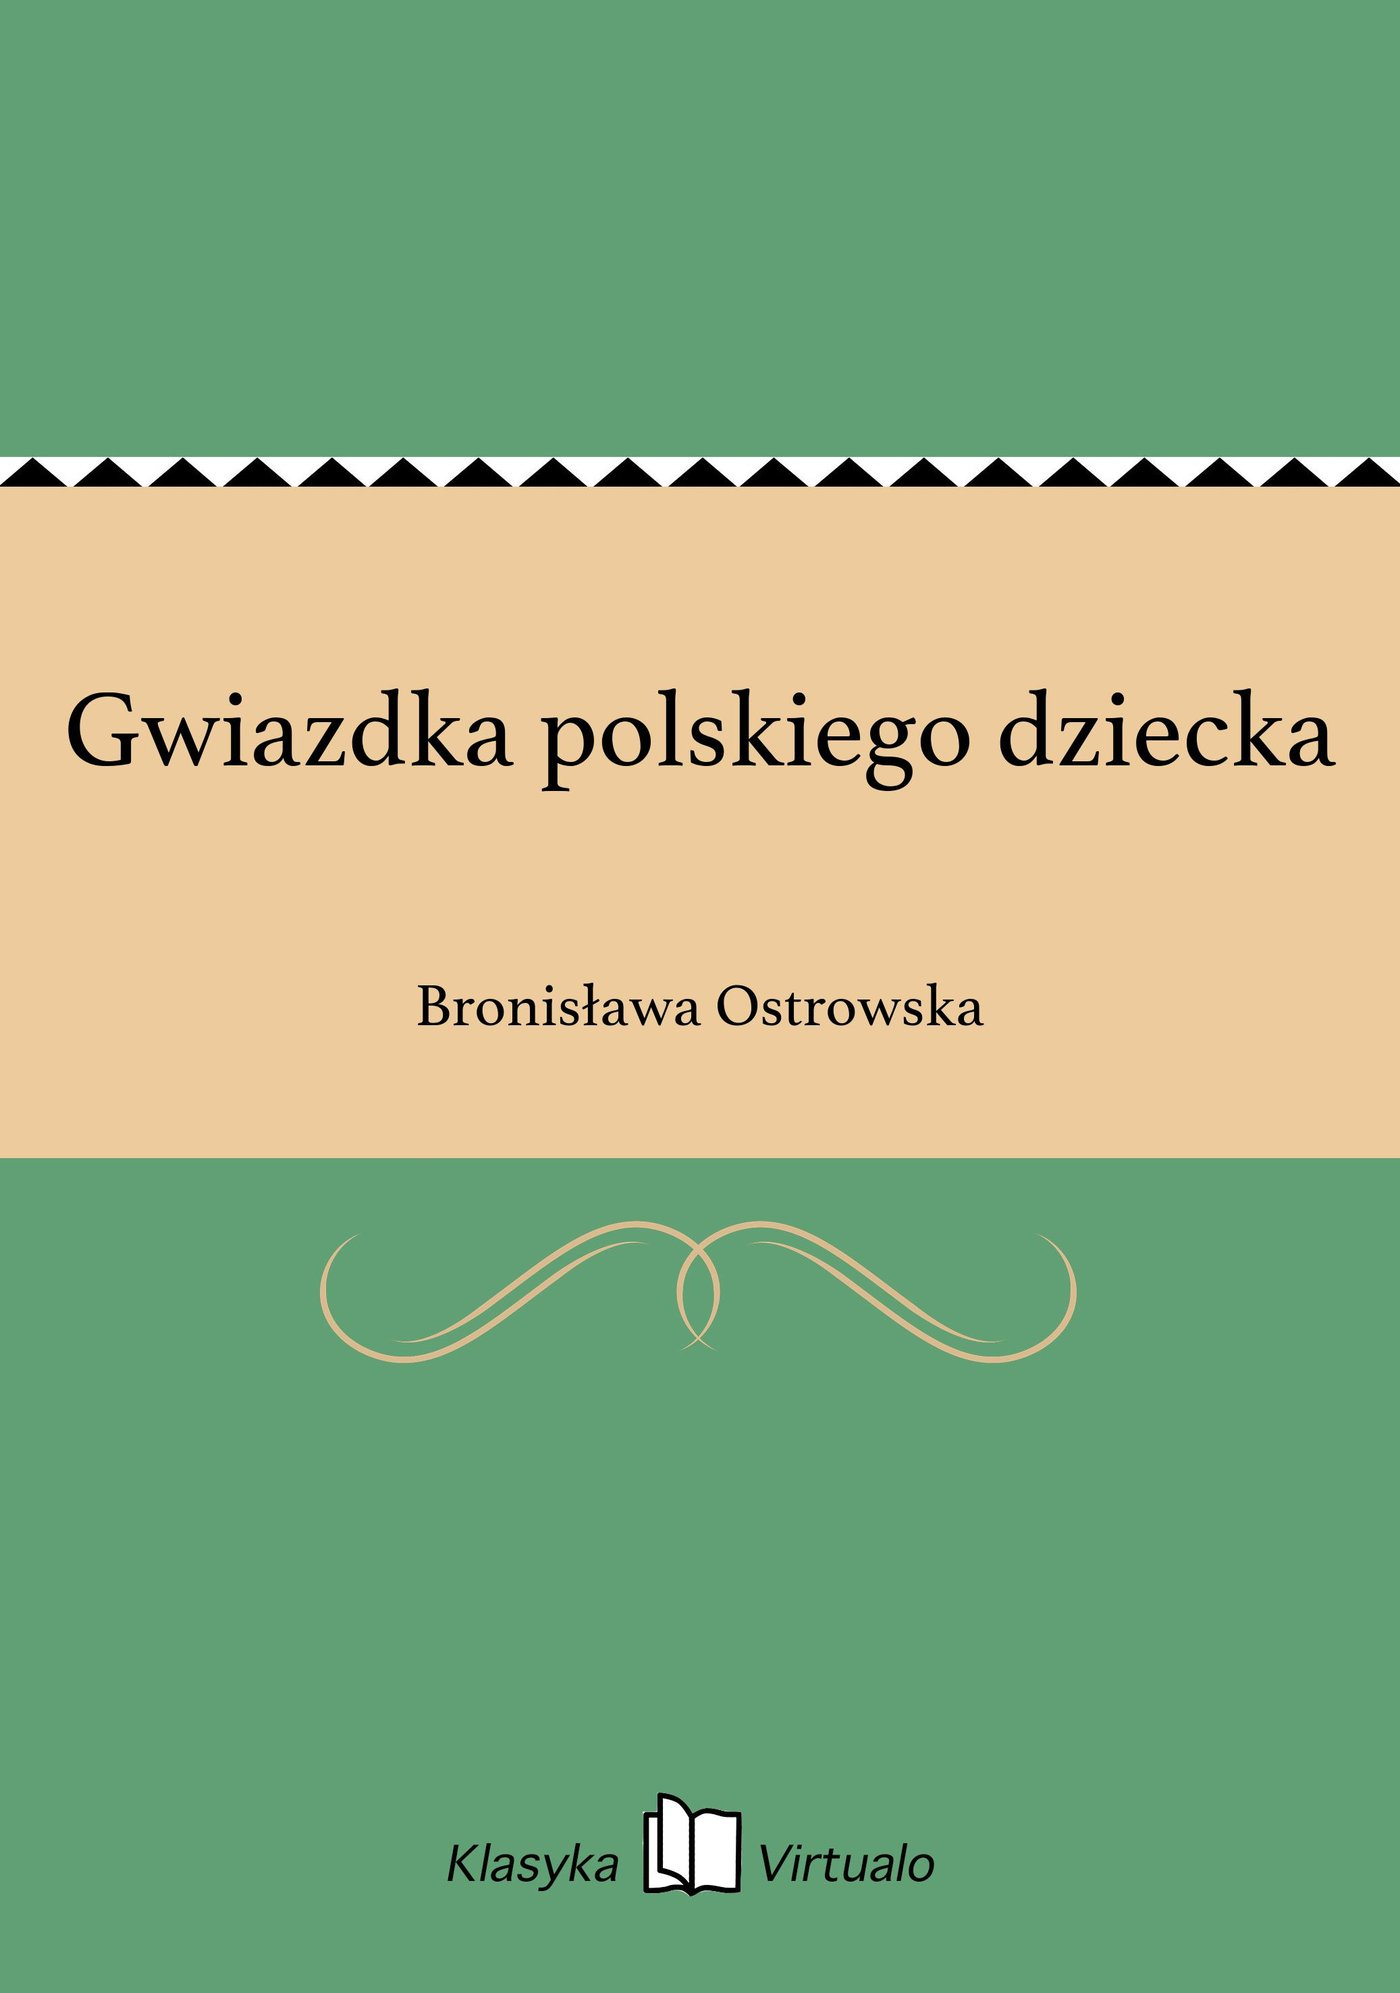 Gwiazdka polskiego dziecka - Ebook (Książka na Kindle) do pobrania w formacie MOBI